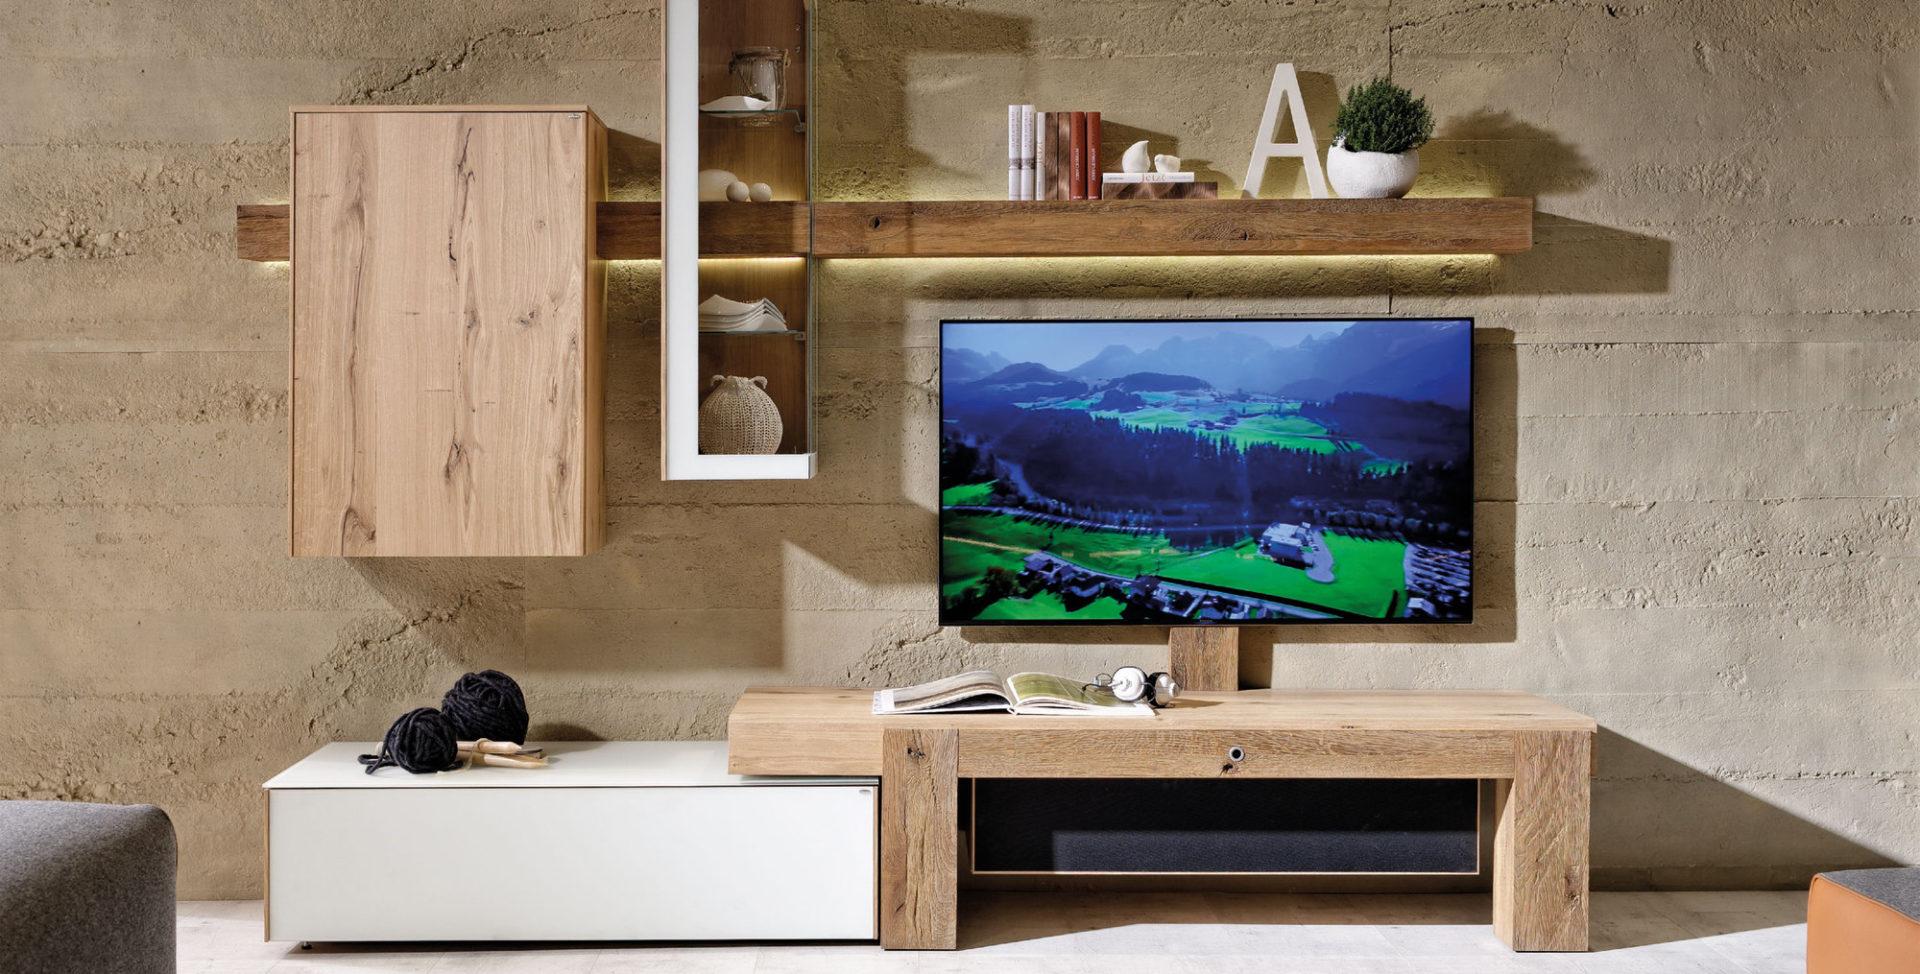 voglauer bei m bel cranz und sch fer eisenach m bel. Black Bedroom Furniture Sets. Home Design Ideas